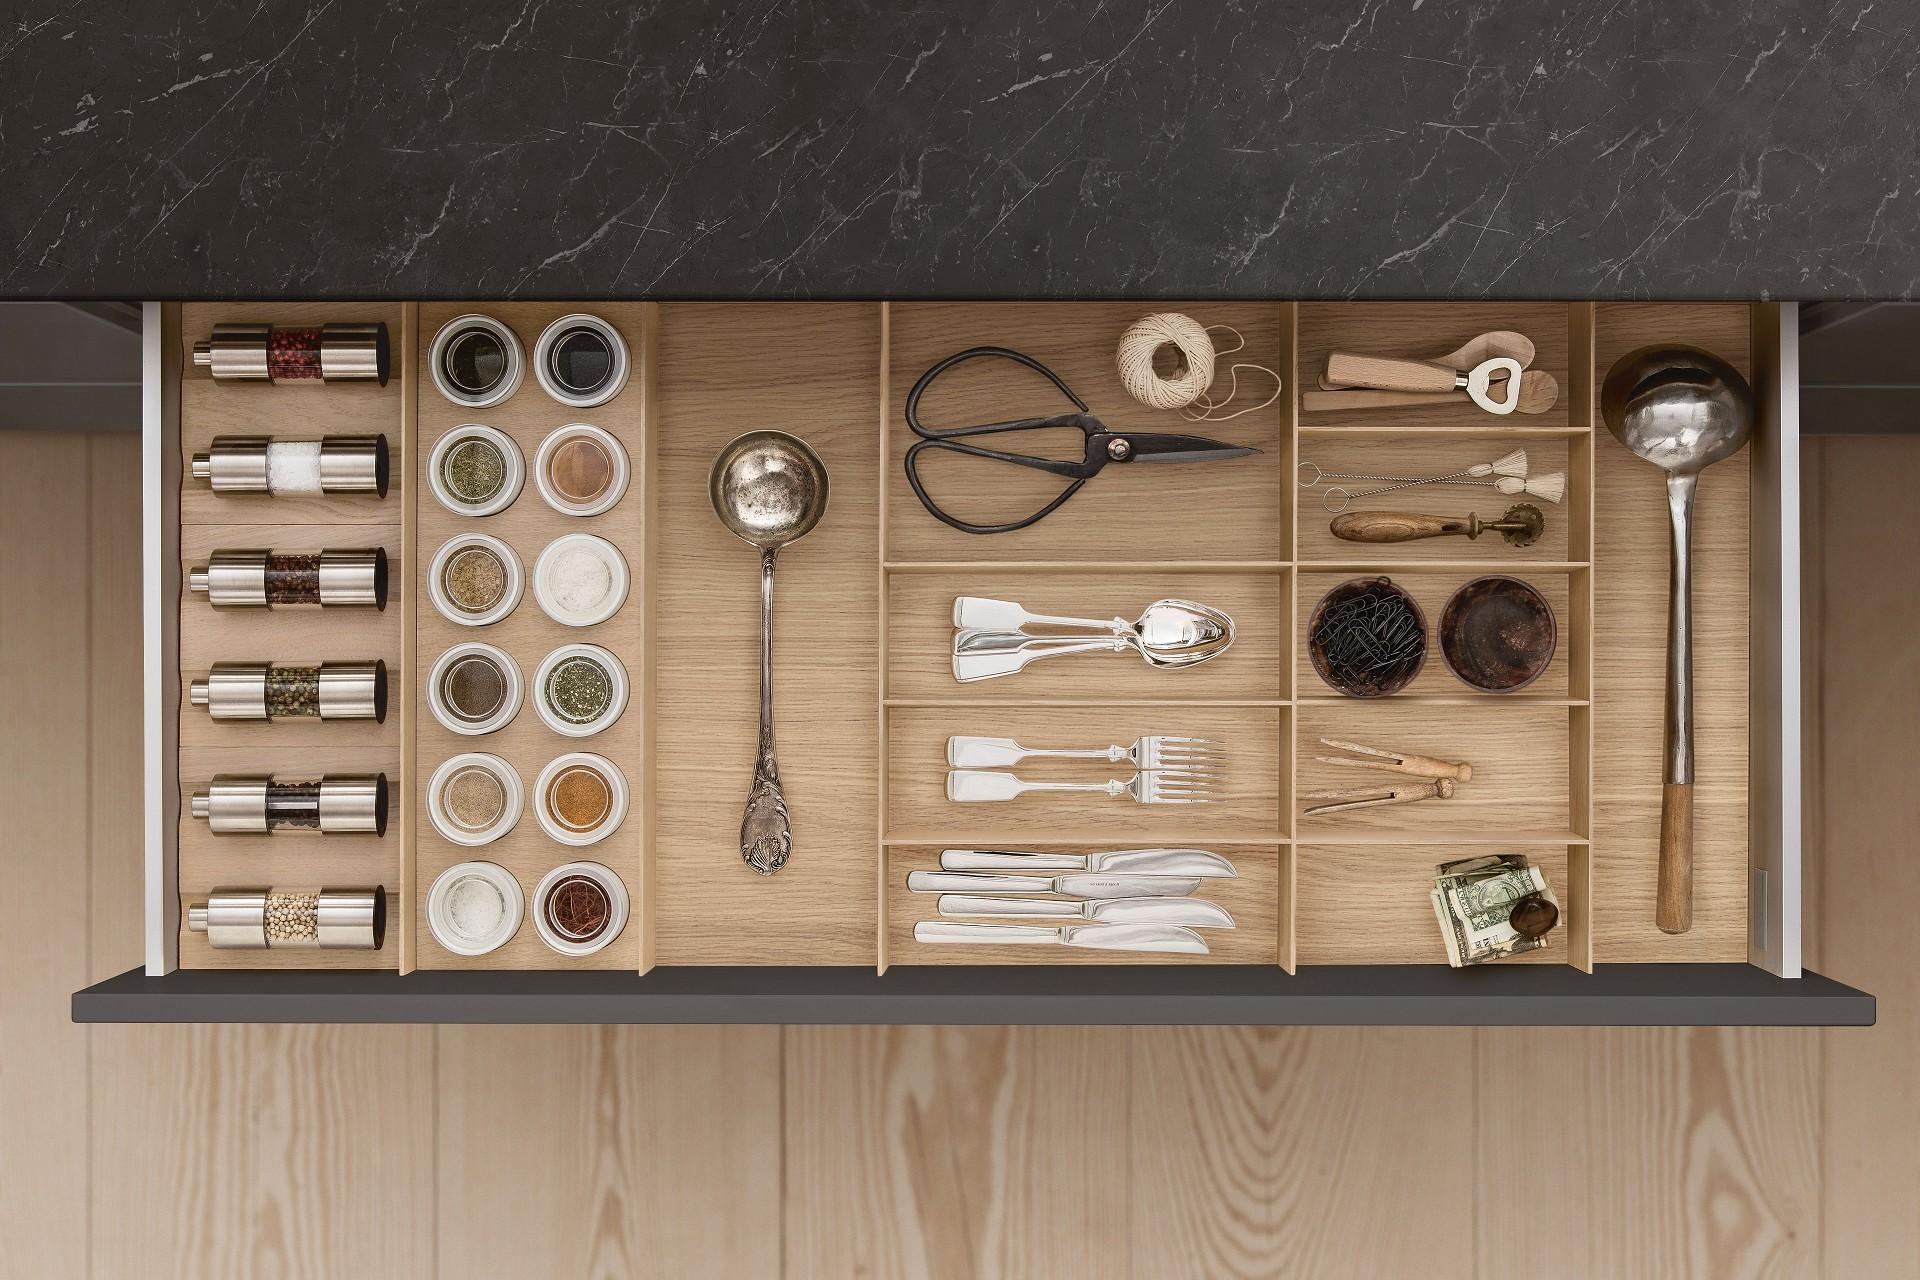 Full Size of Kchenausstattung Von Siematic Individuell Schubladeneinsatz Küche Wohnzimmer Gewürze Schubladeneinsatz